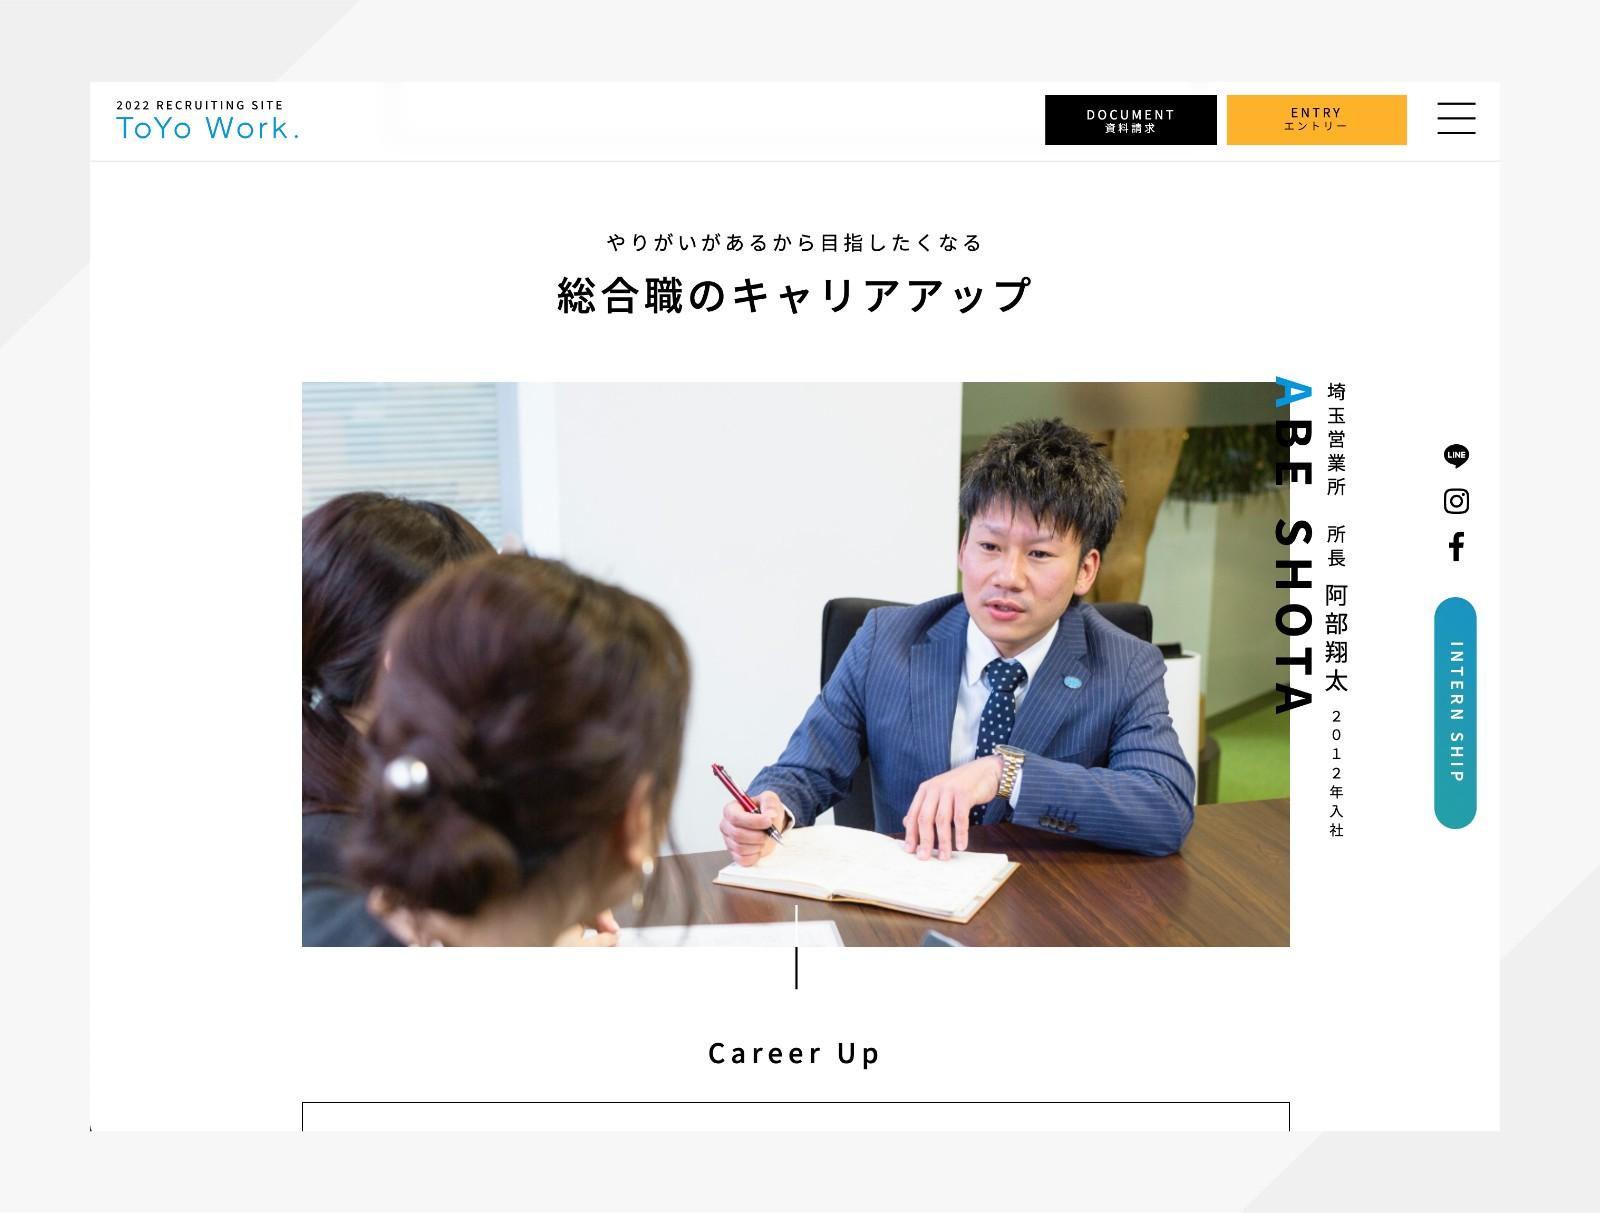 東洋ワーク新卒採用サイト写真撮影/動画撮影 編集